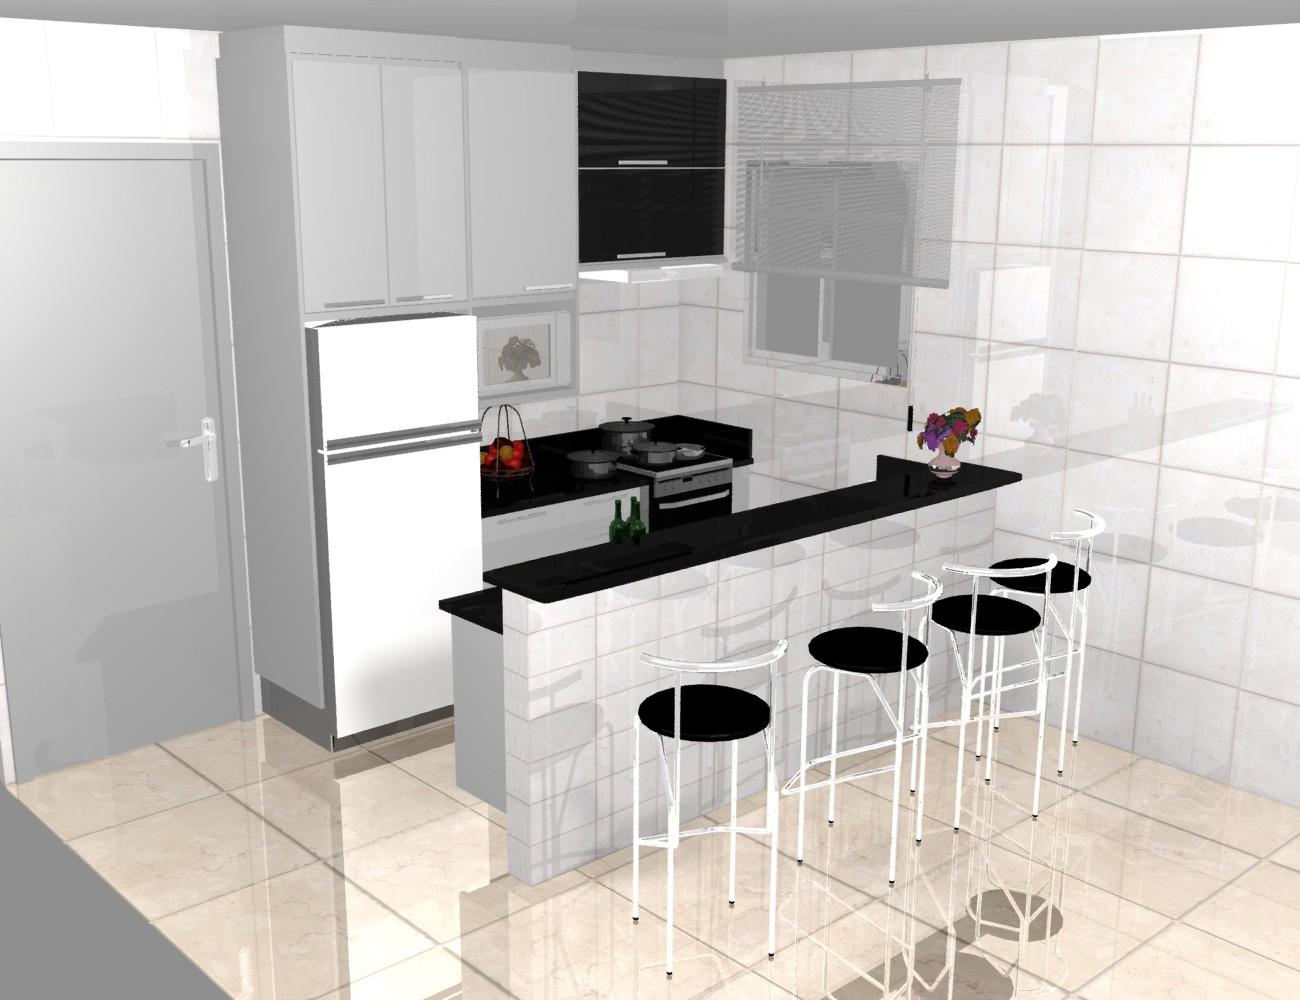 Apartamento Pequeno Fotos 1 Cozinha Americana Apartamento Pequeno HD  #703324 1300 1000